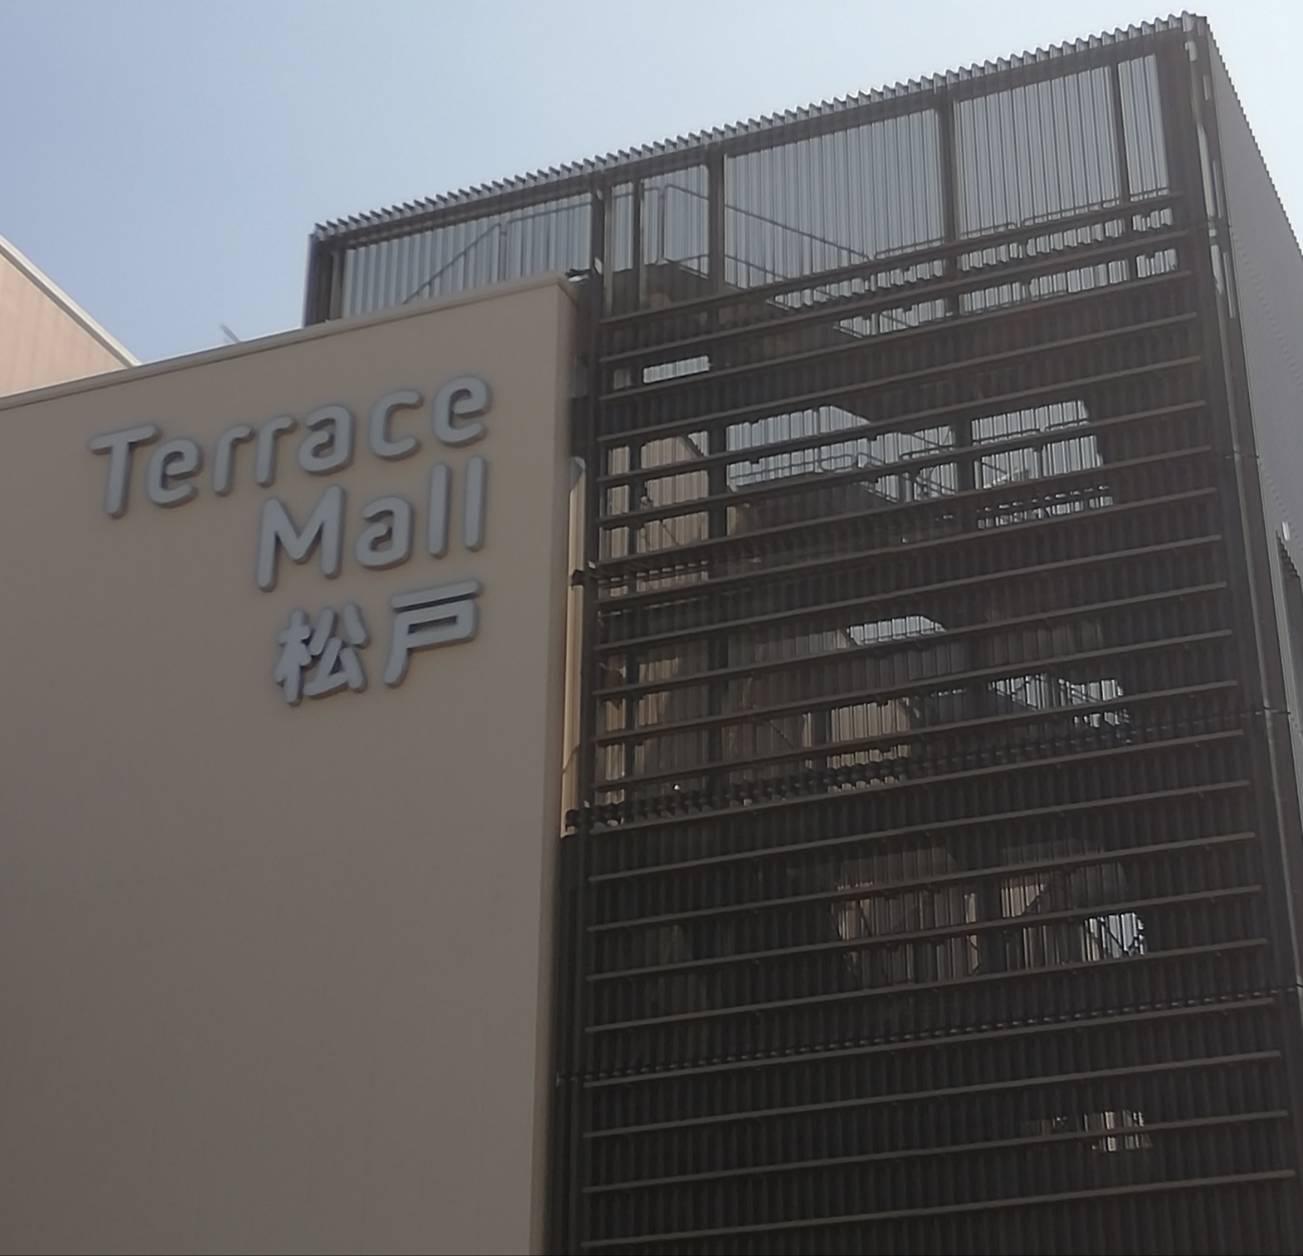 テラスモール松戸テナント180店舗